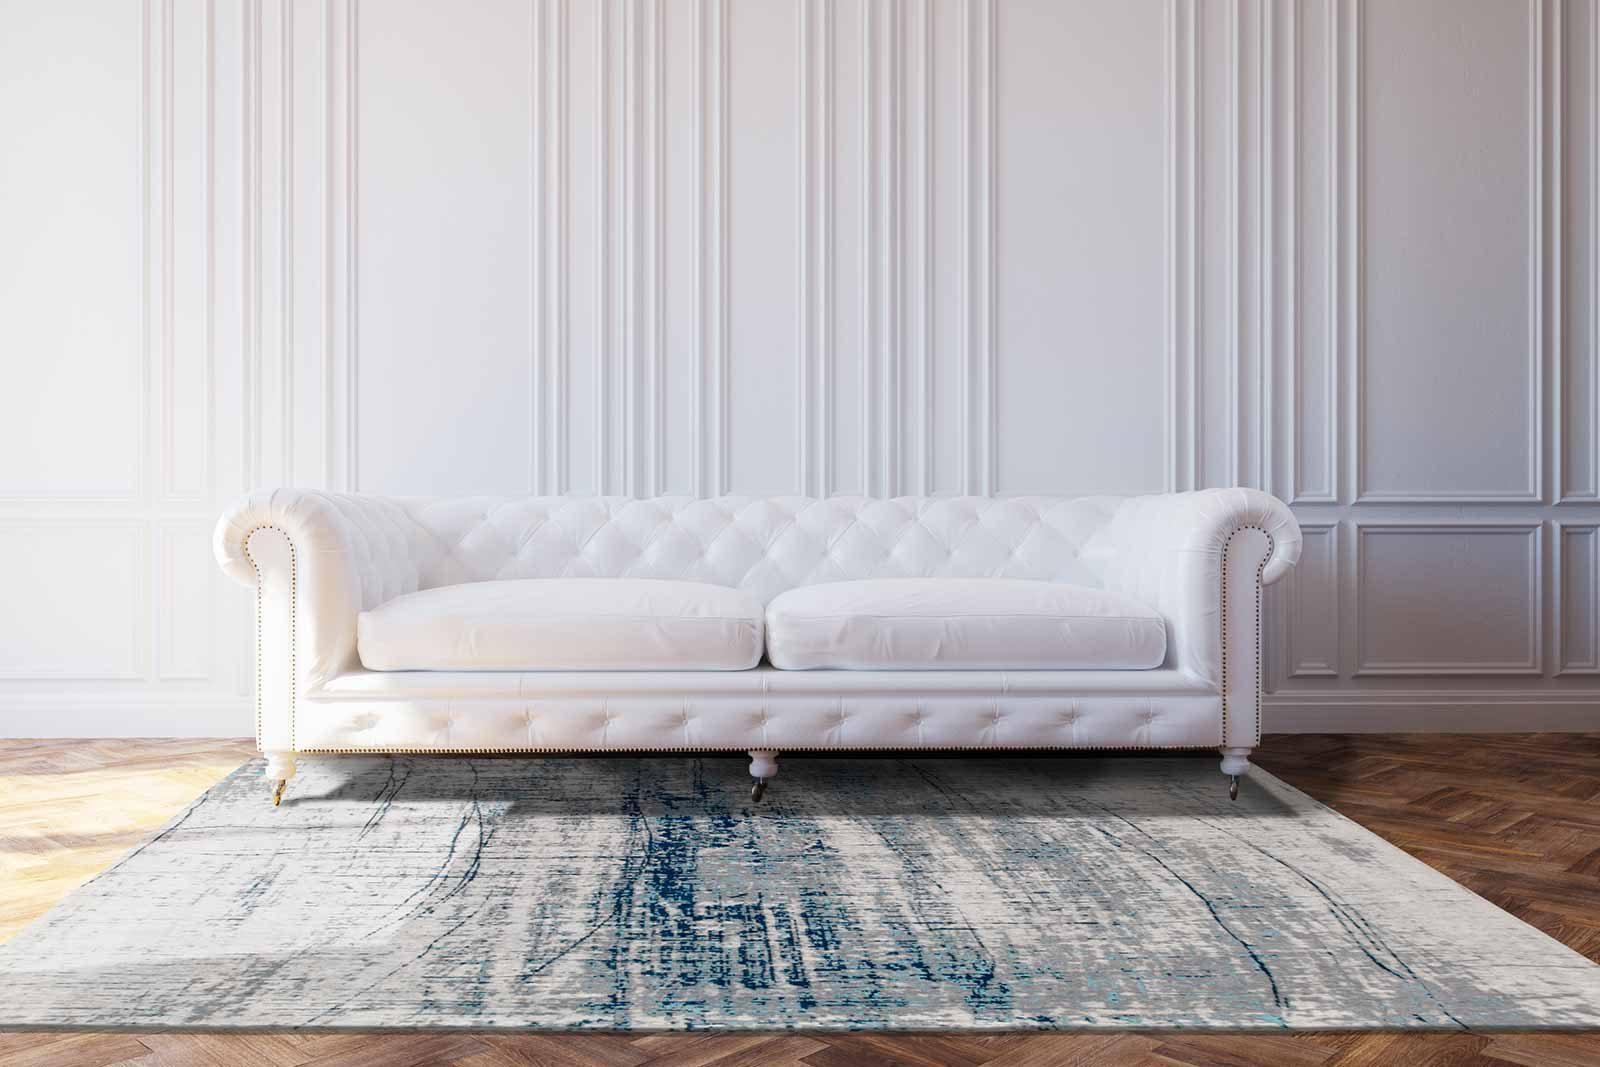 rugs Louis De Poortere LX8421 Mad Men Griff Bronx Azurite interior